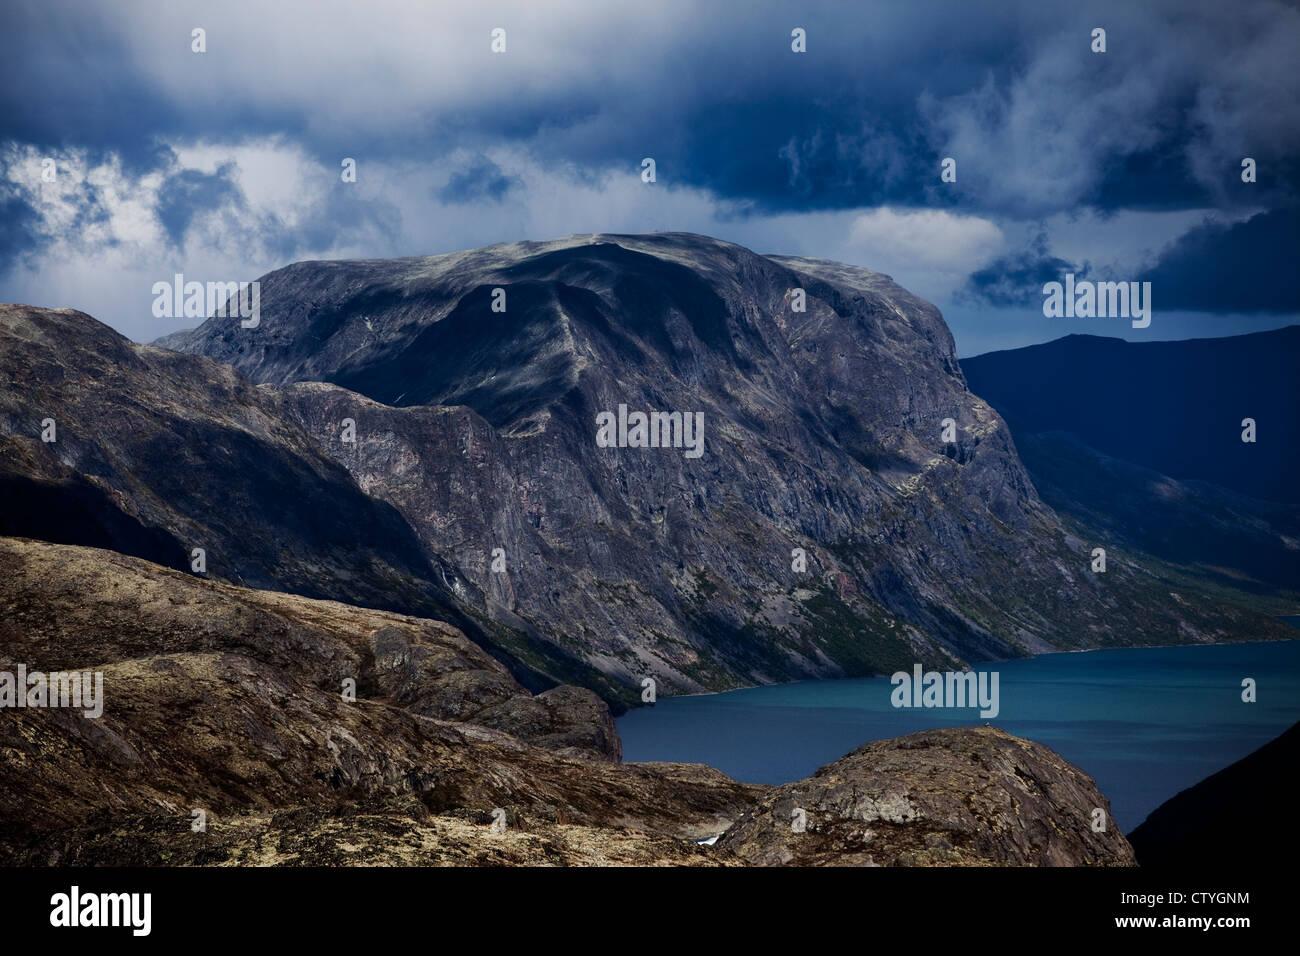 Jotunheimen national park in norway - Besseggen ridge - Stock Image